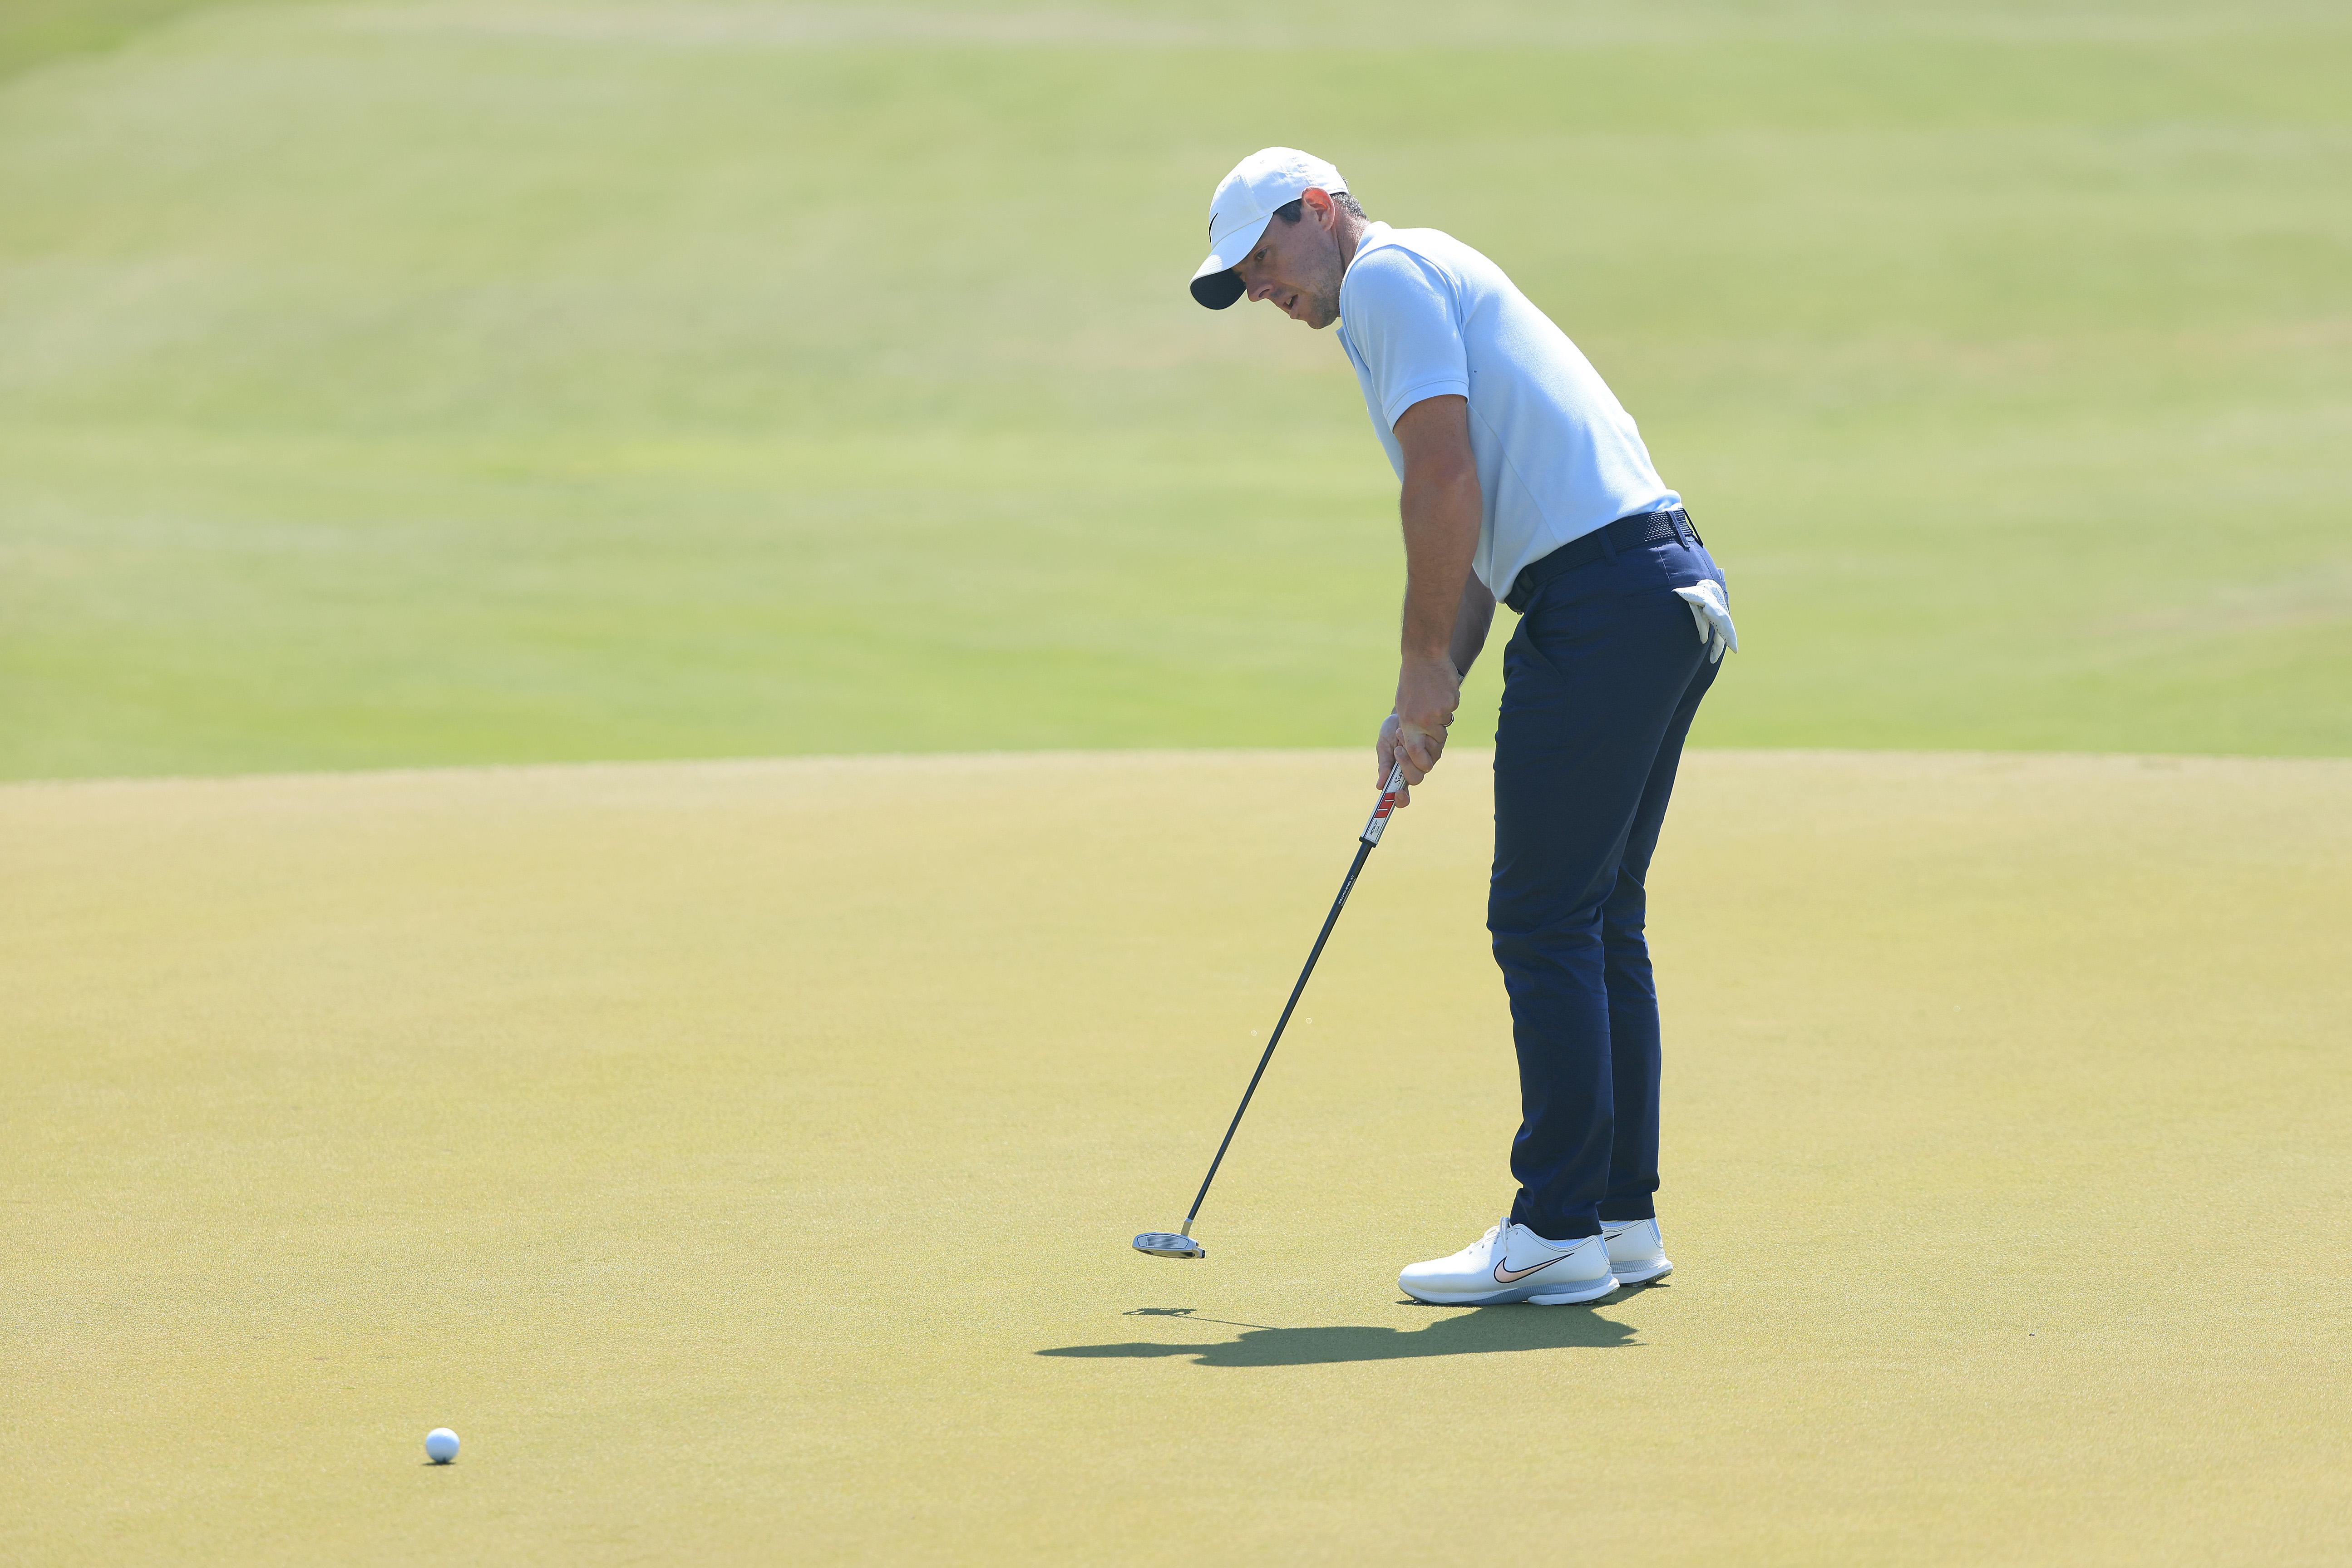 PGA锦标赛-预览第2天